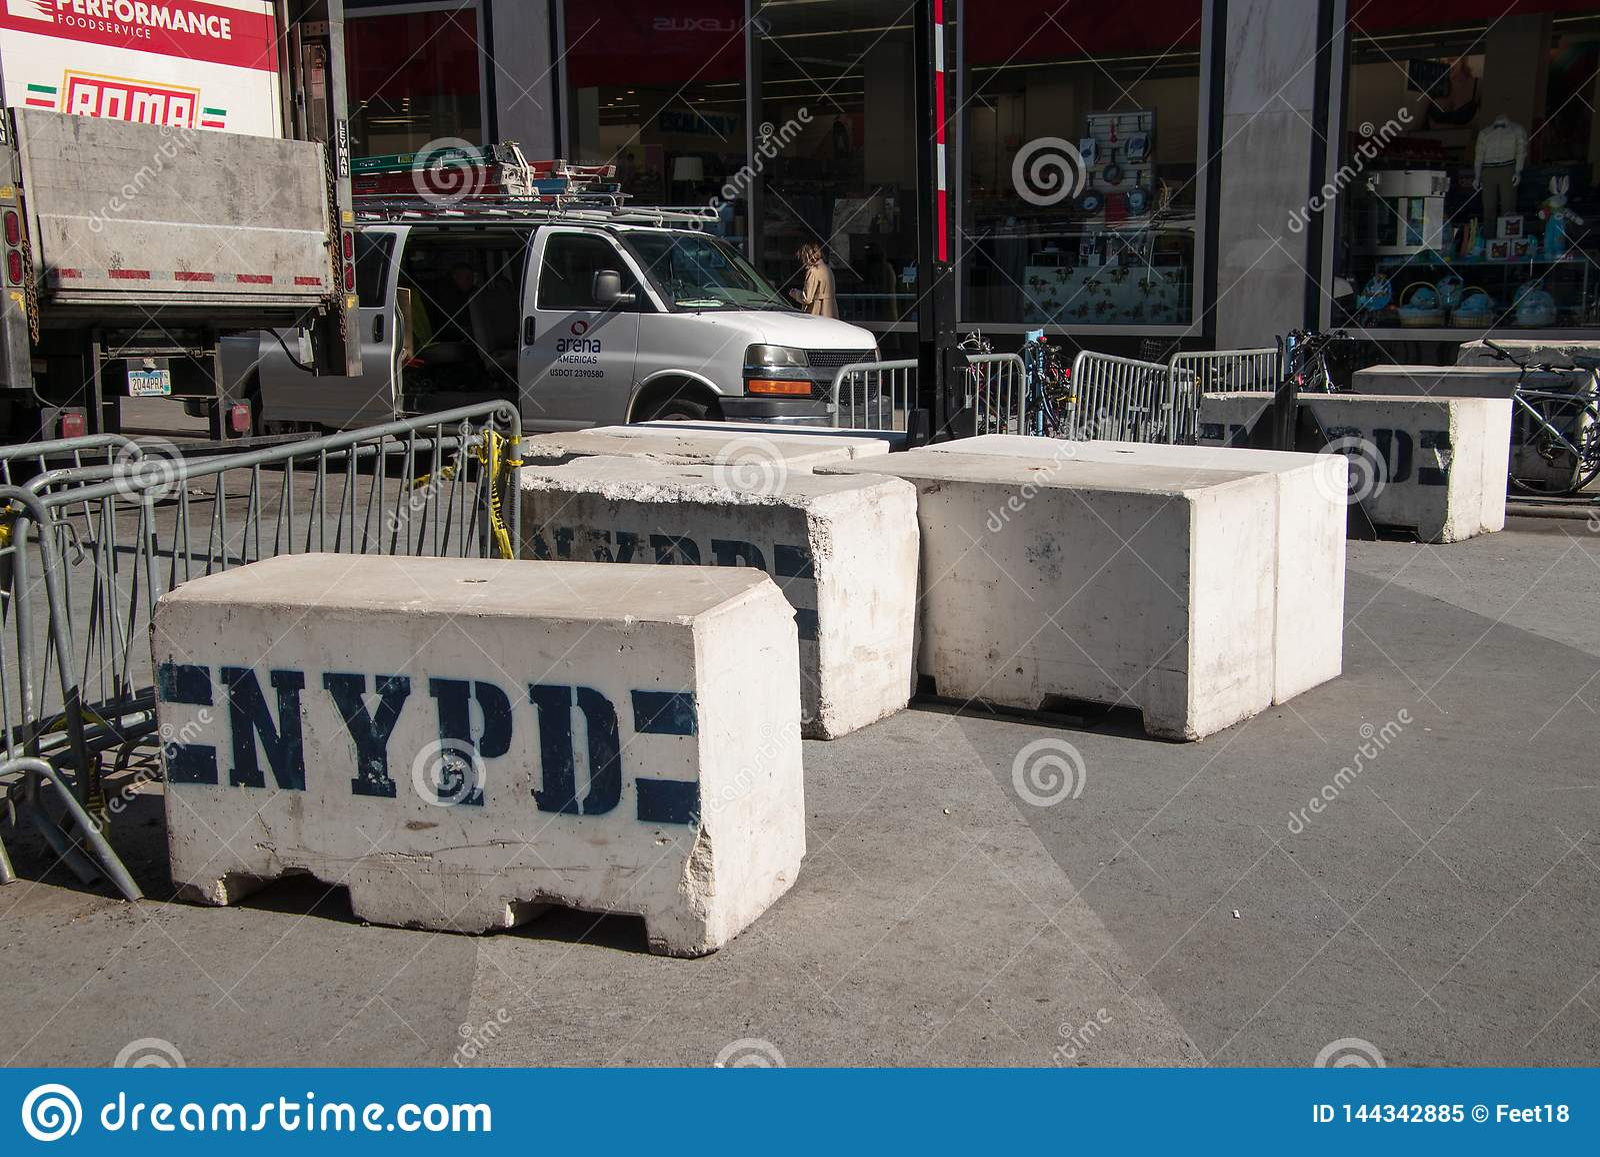 Beton und Metallnypd-Straßenbarrikaden auf einer Straße Manhattans New York nahe einem Polizeirevier